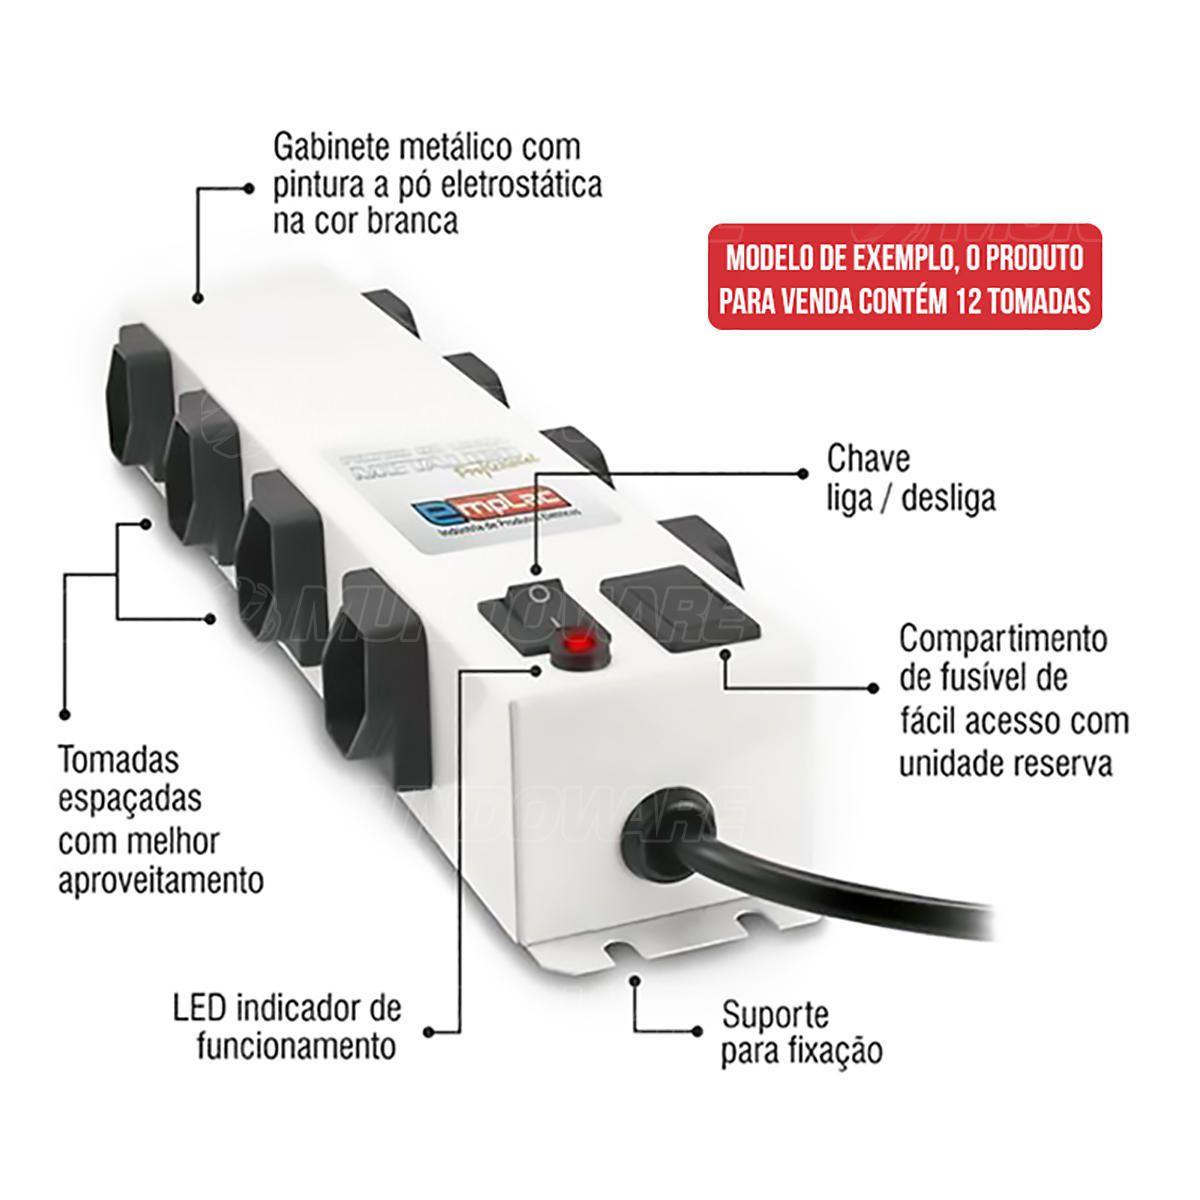 Filtro de Linha Metálico Protetor Eletrônico Profissional Bivolt 12 Tomadas 10A Cabo de 1 metro Emplac F50103